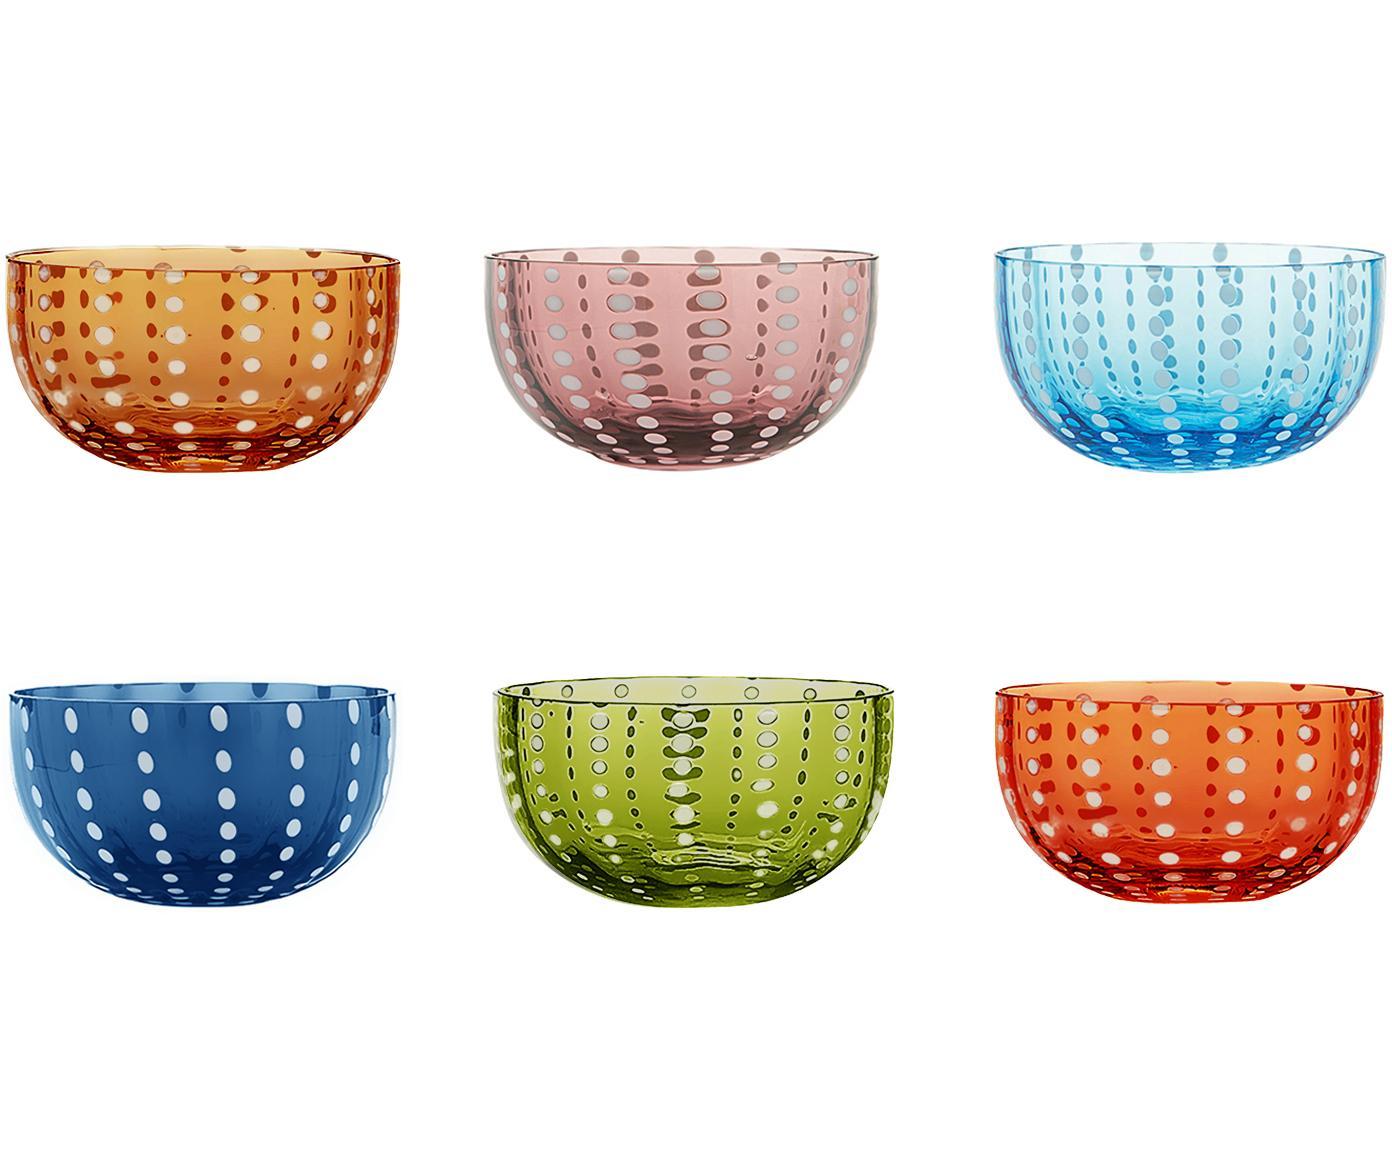 Cuencos de vidrio soplados Perle, 6uds., Vidrio, Transparente, blanco, azul, ámbar, violeta pastel, azul, verde hierva, Ø 12 x Al 6 cm